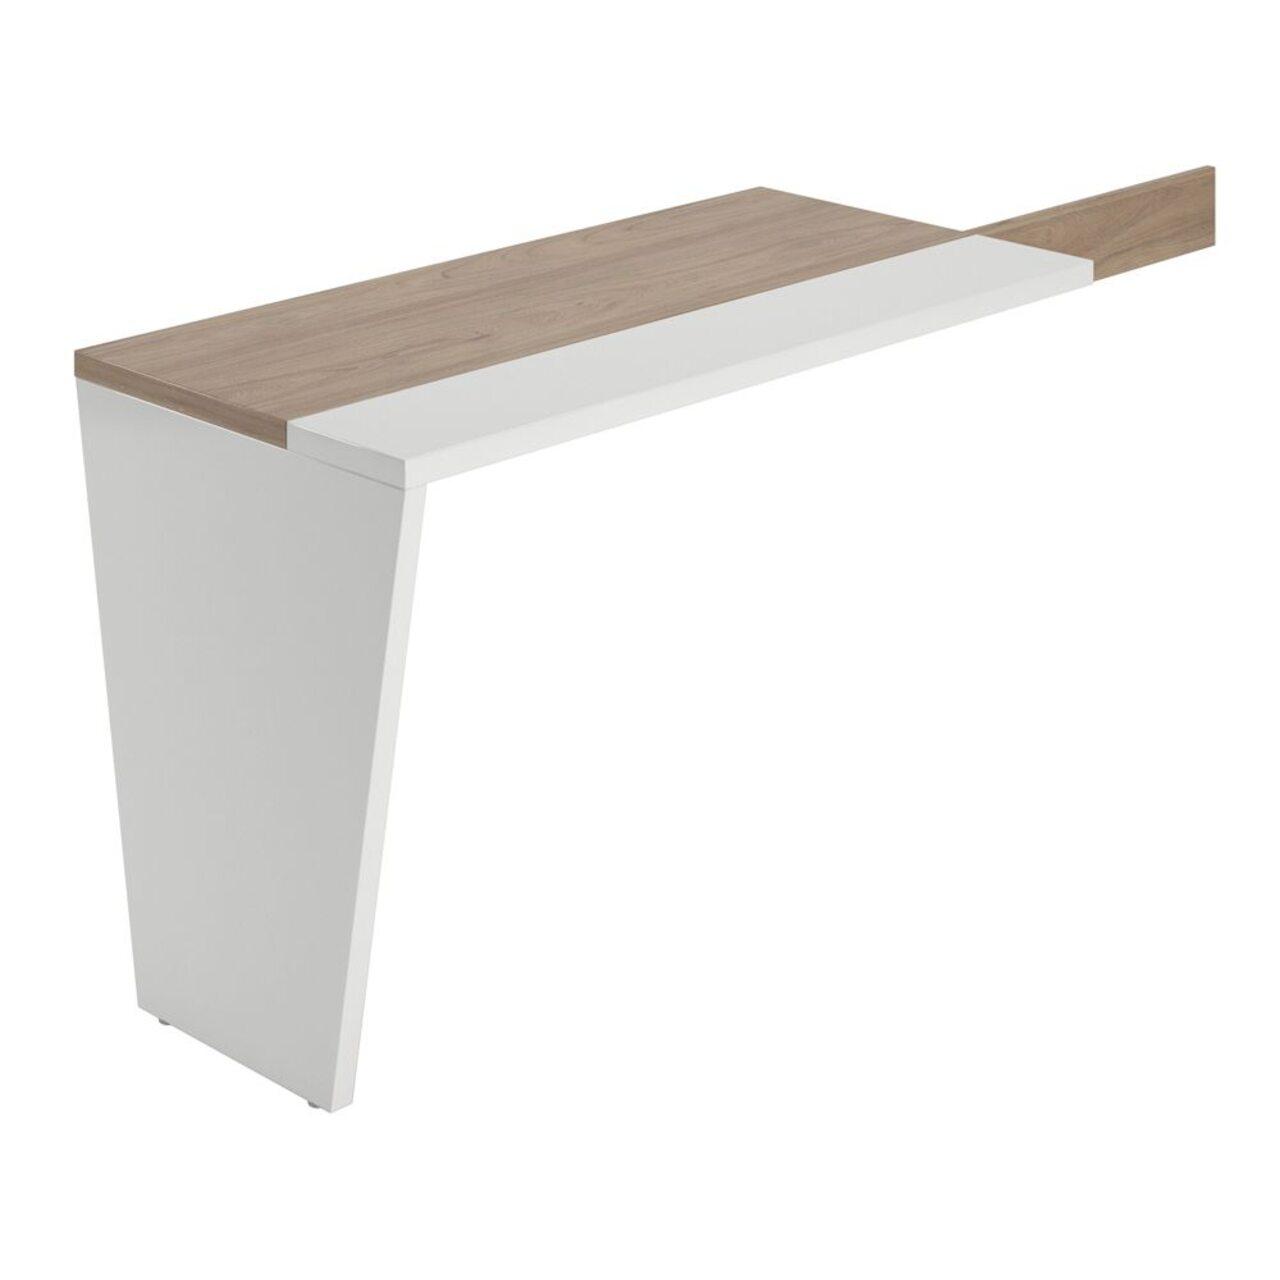 Приставной стол правый  ASTI 120x60x75 - фото 1